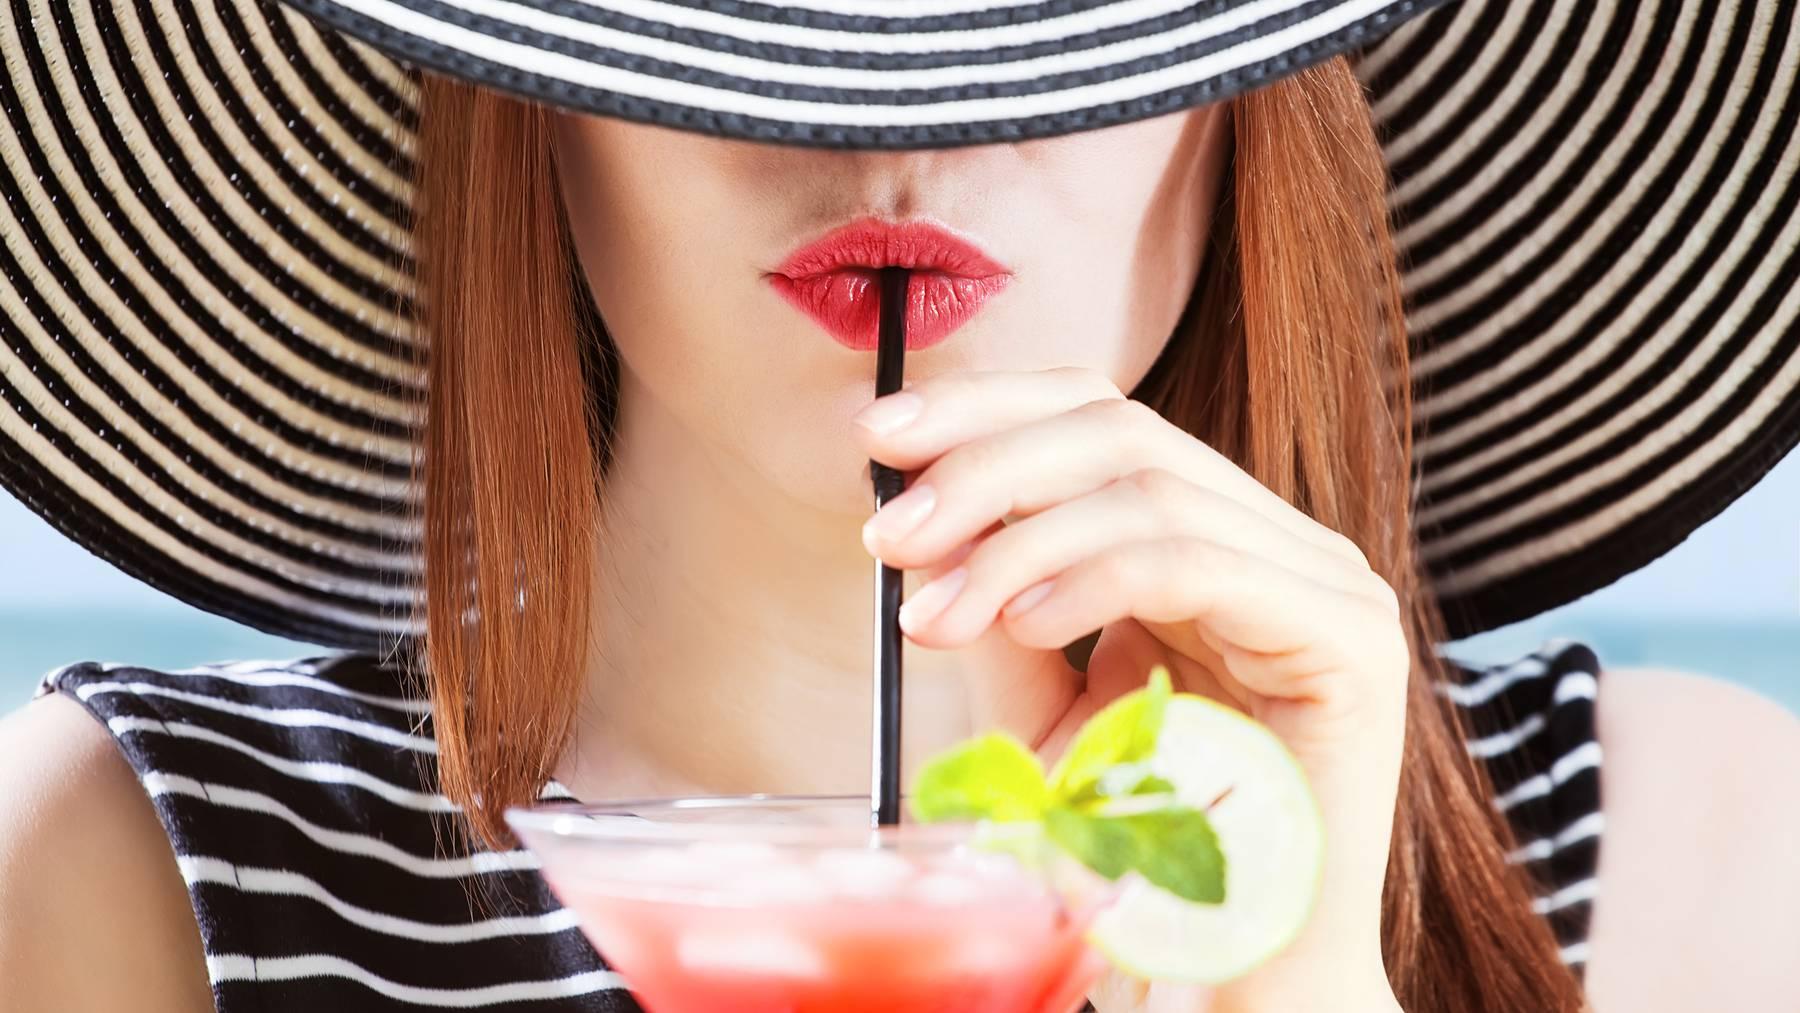 Magst du die Kombination aus Früchten und Wein? Dann ist dieser Drink perfekt für dich. (Symbolbild)